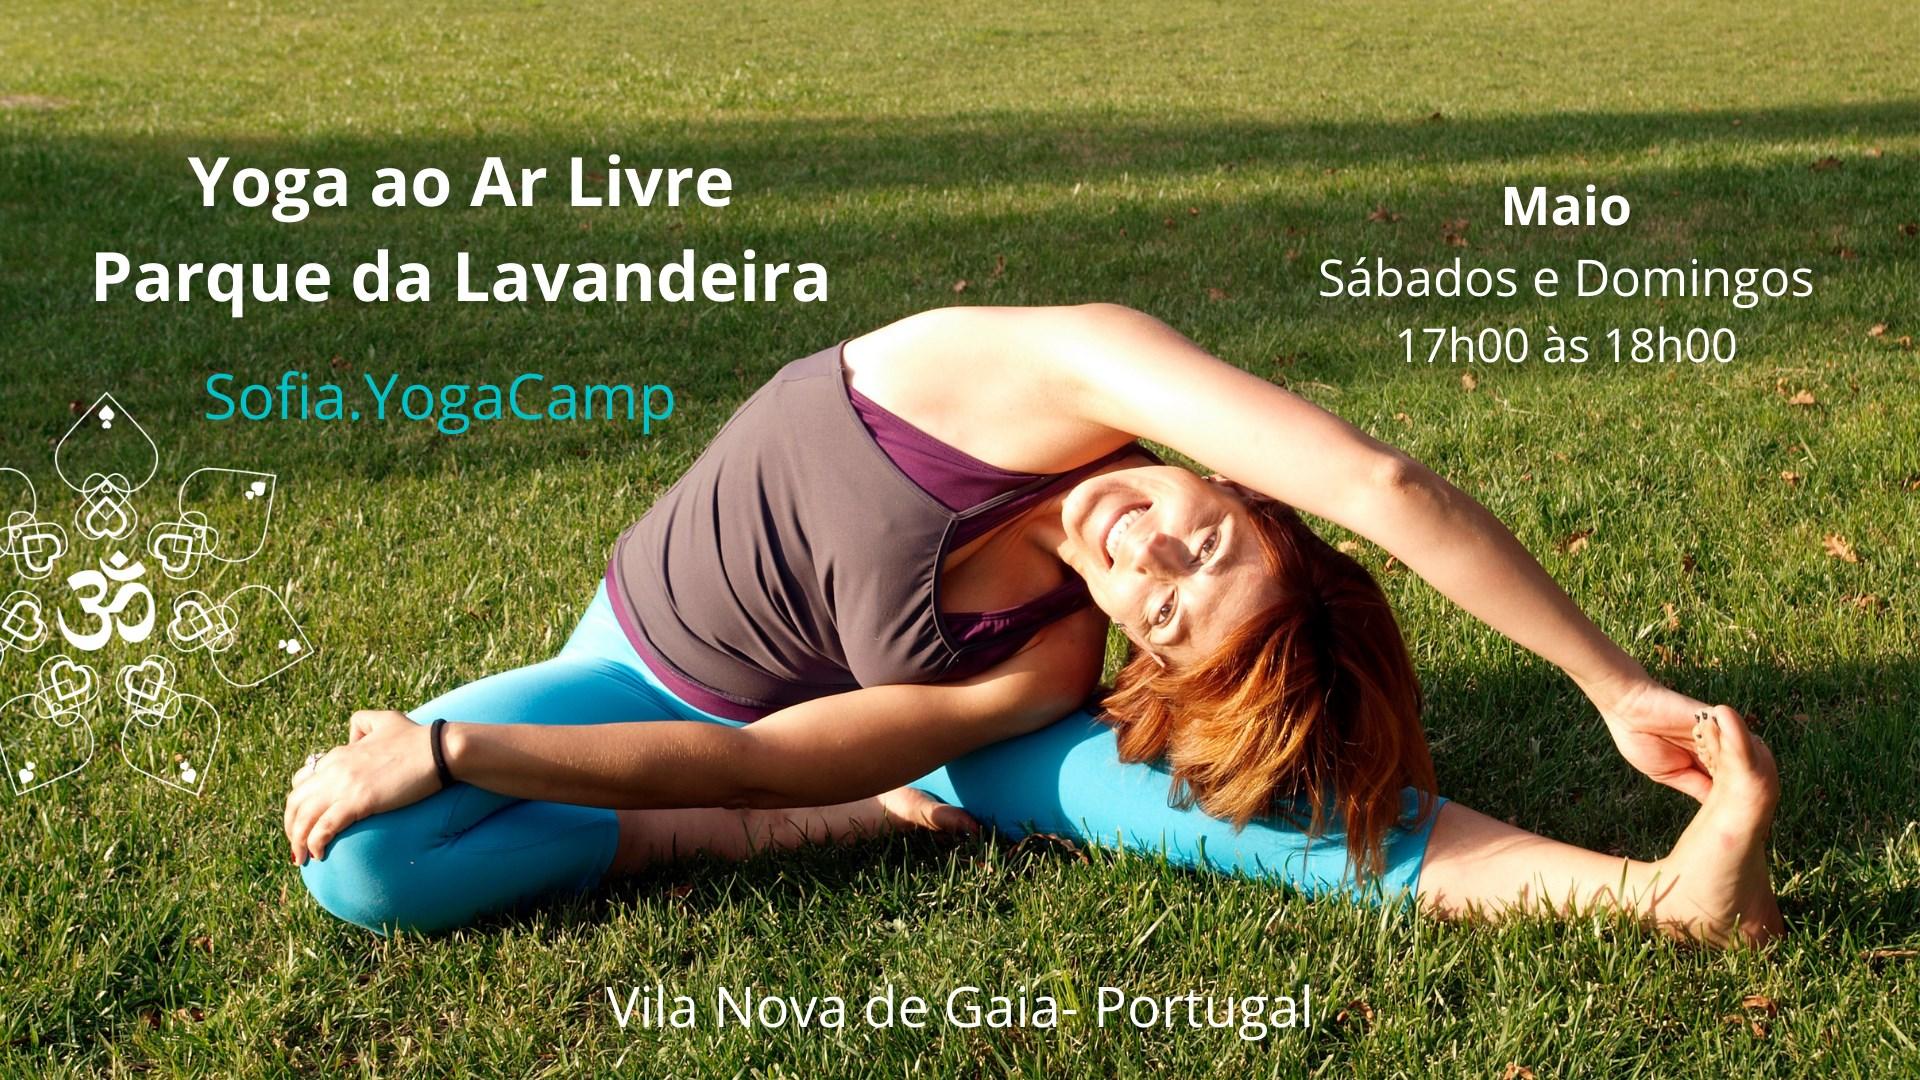 Yoga ao Ar Livre - Parque da Lavandeira